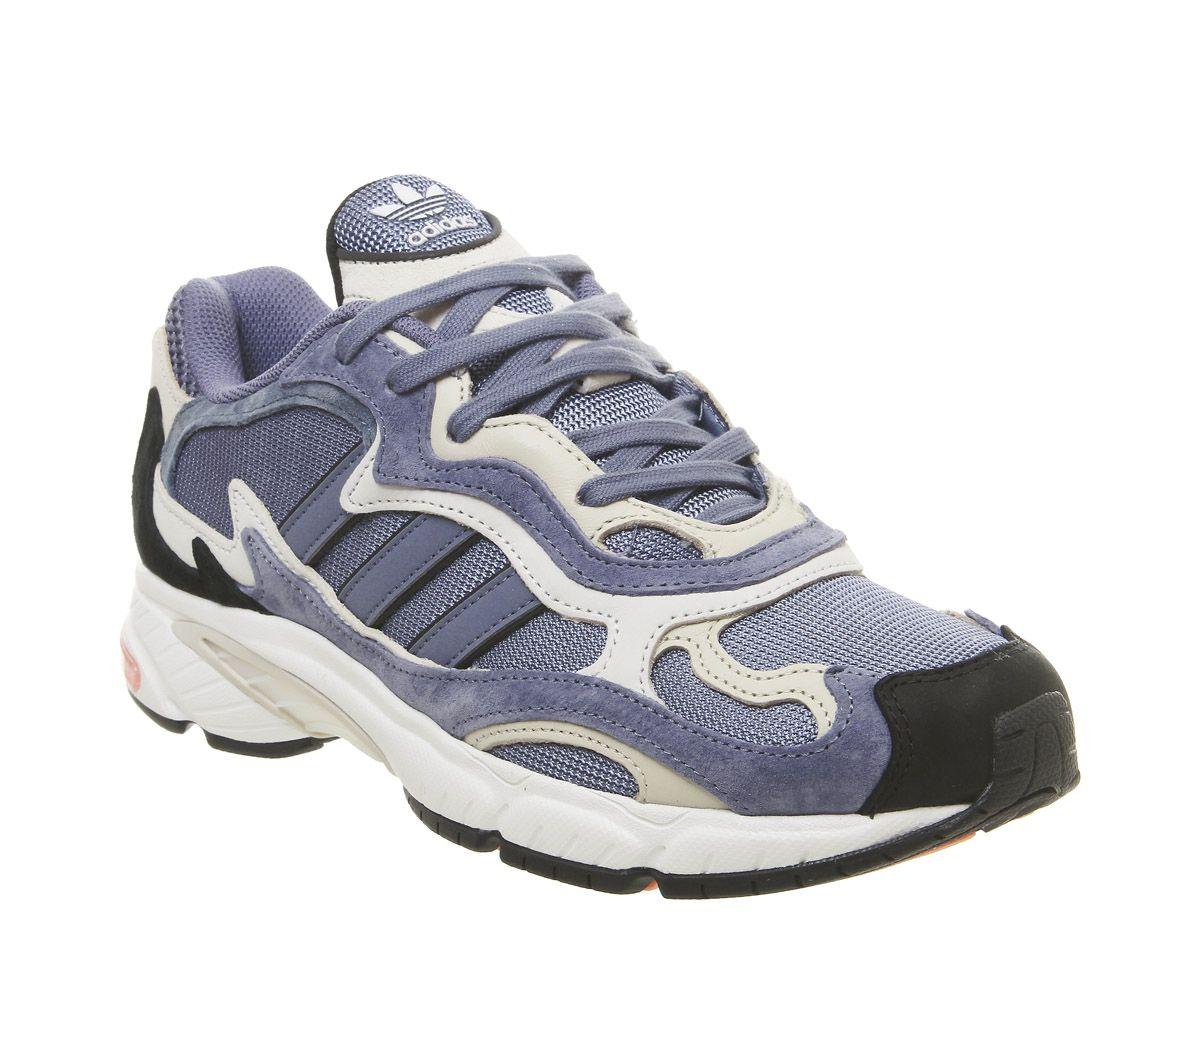 Adidas Temper run zapatillas deporte